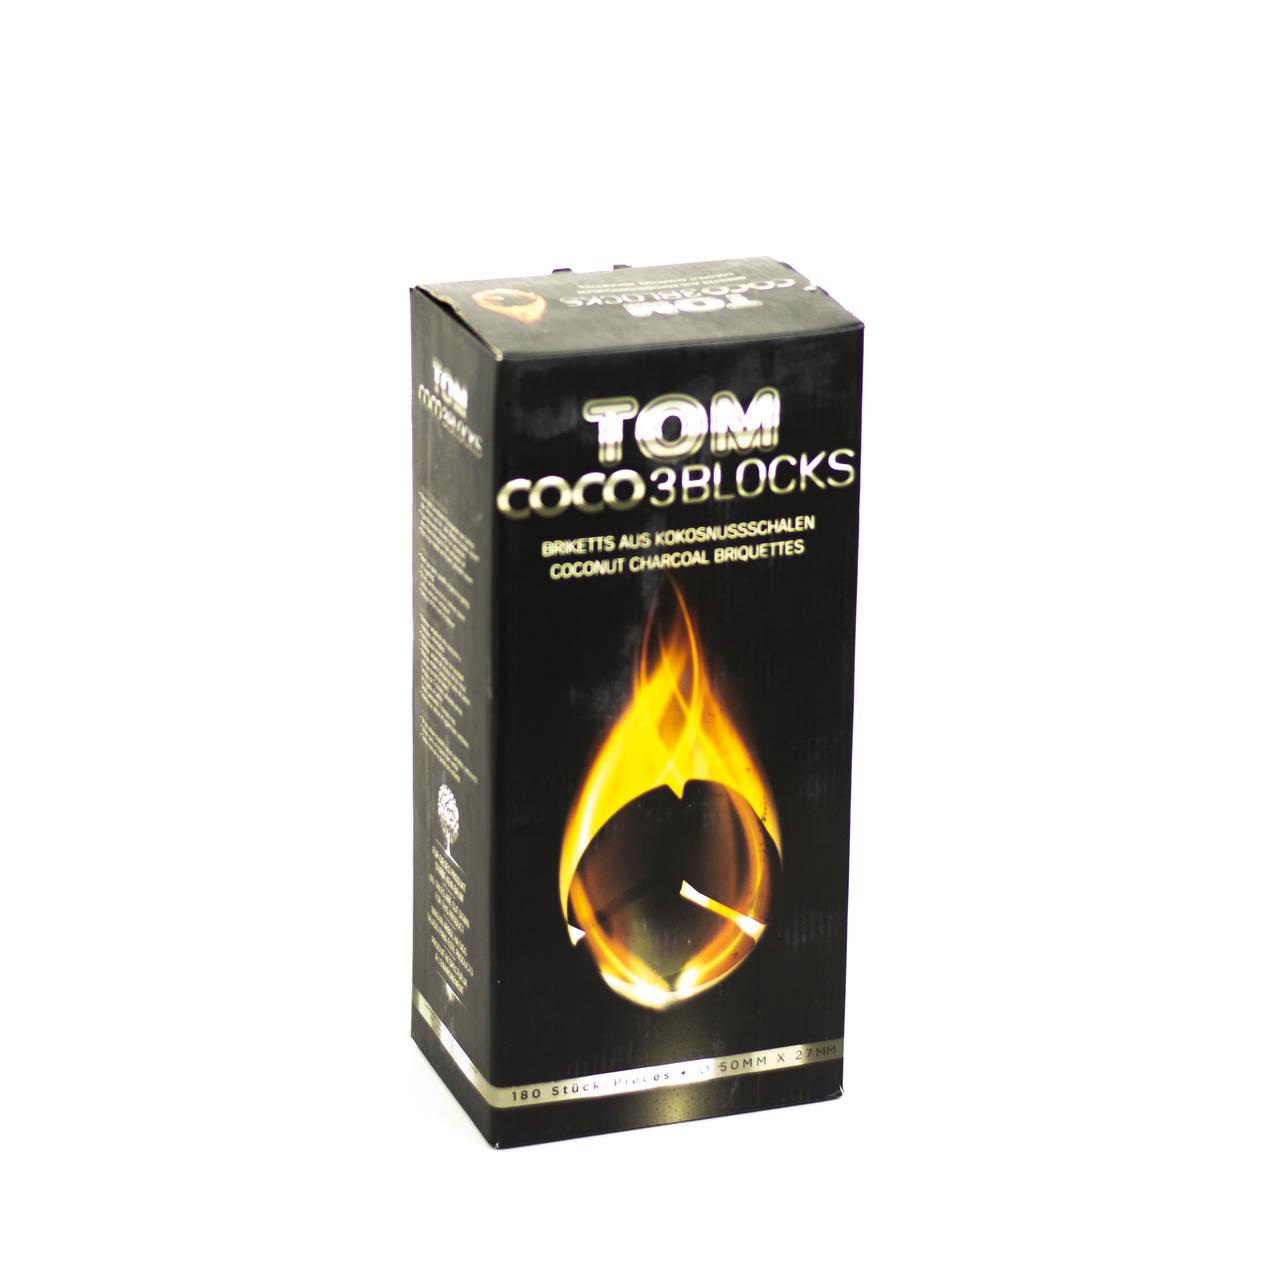 Уголь TOM COCO Silver 3 Blocks 3 кг